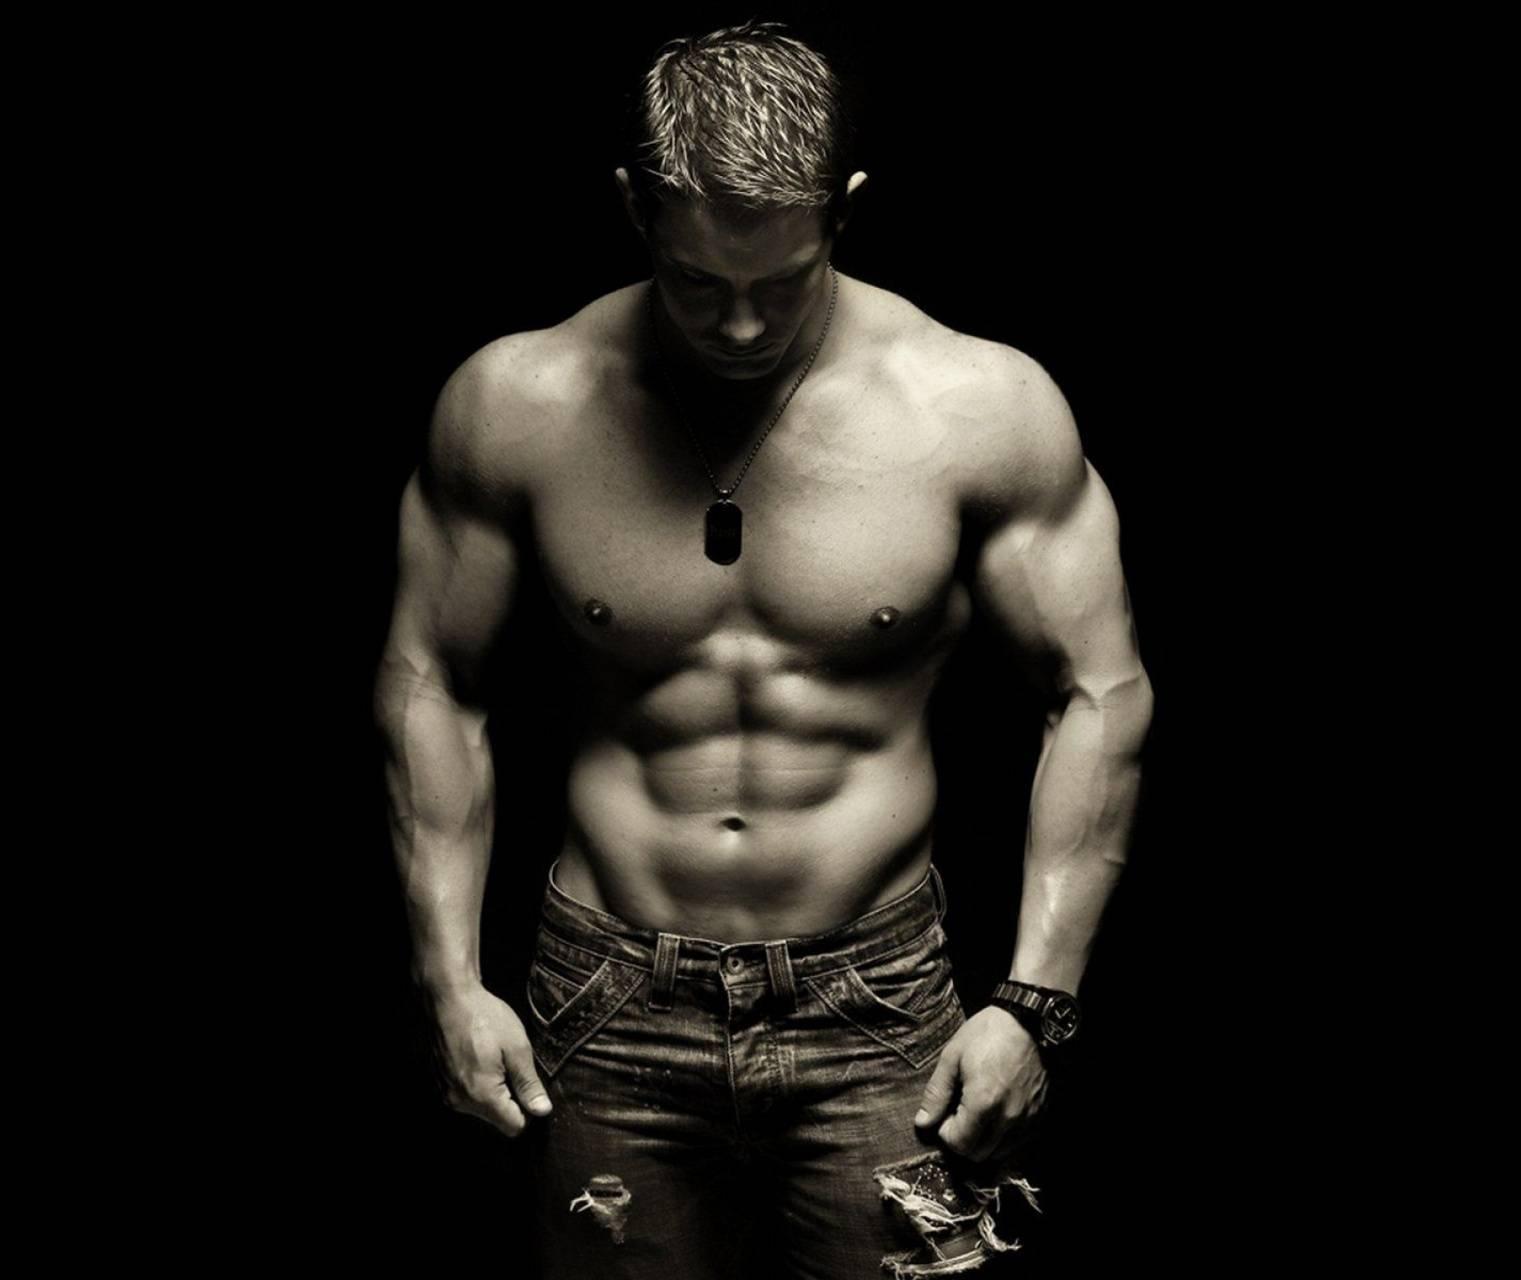 Hot Guy 1